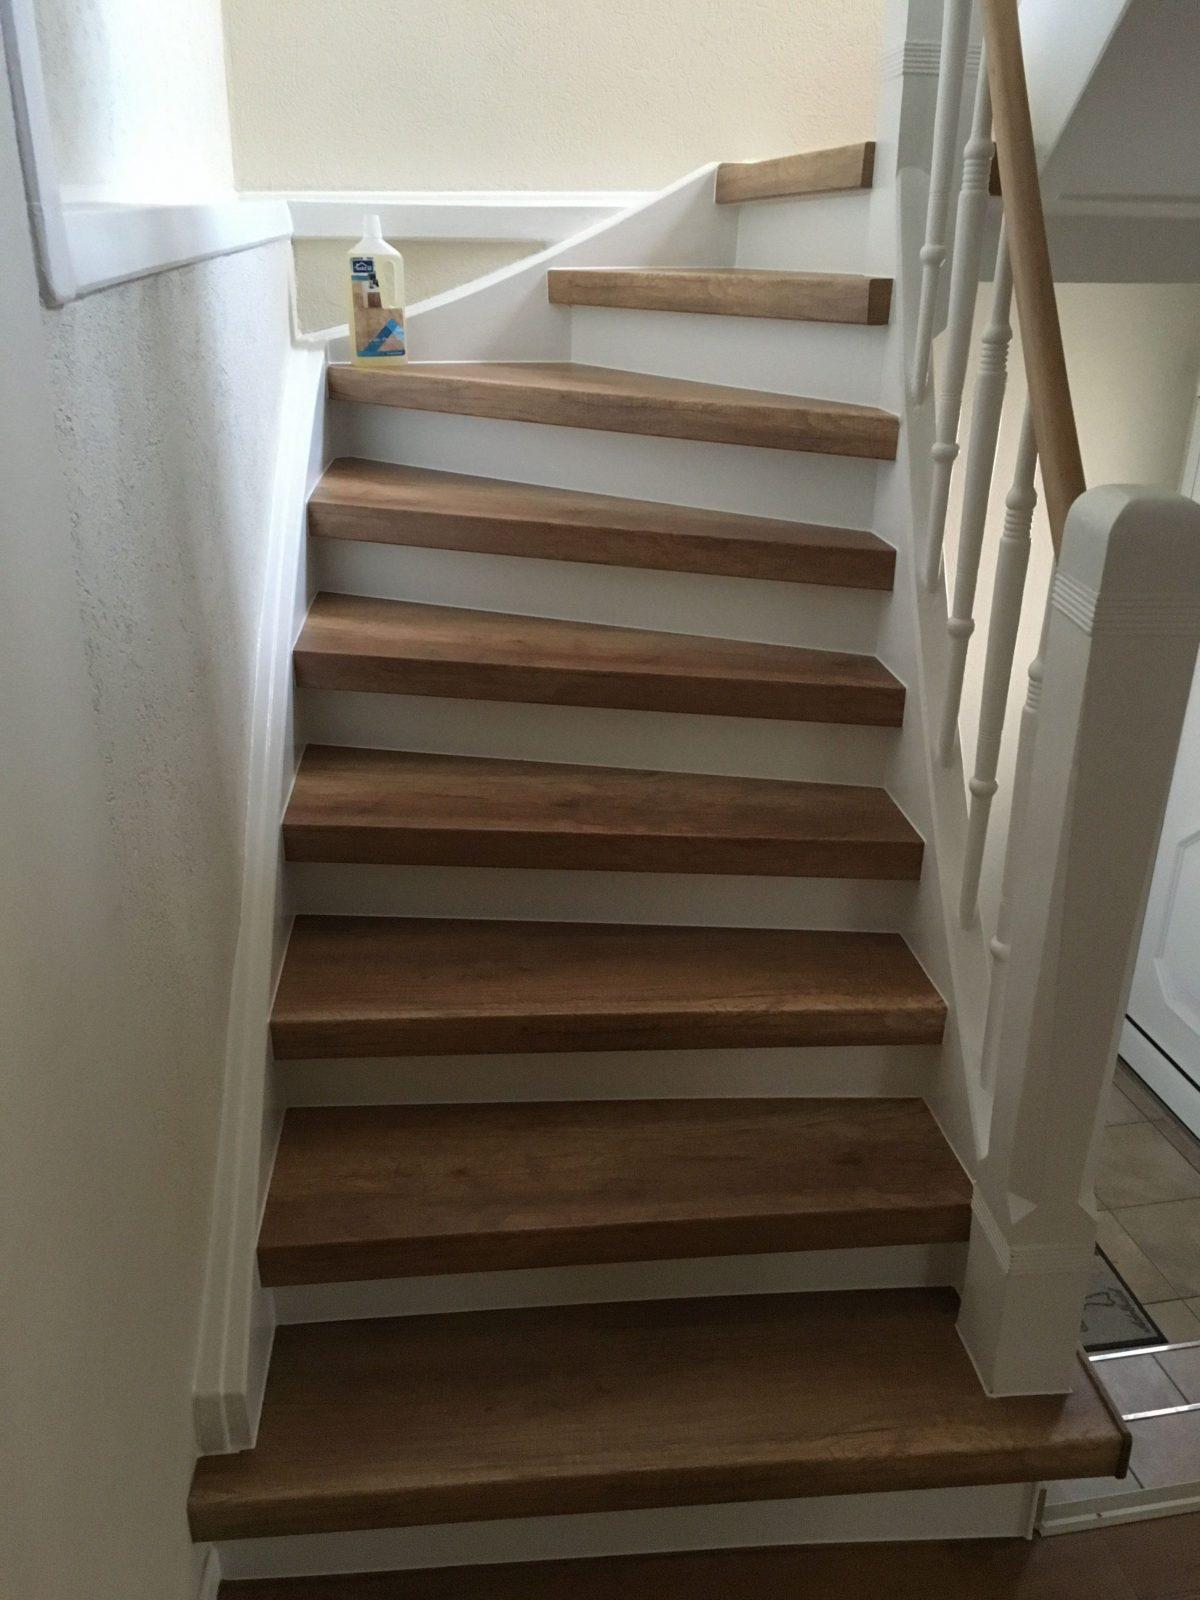 treppenrenovierung mit laminatstufen stufendekor eiche vintage von alte holztreppe neu gestalten. Black Bedroom Furniture Sets. Home Design Ideas